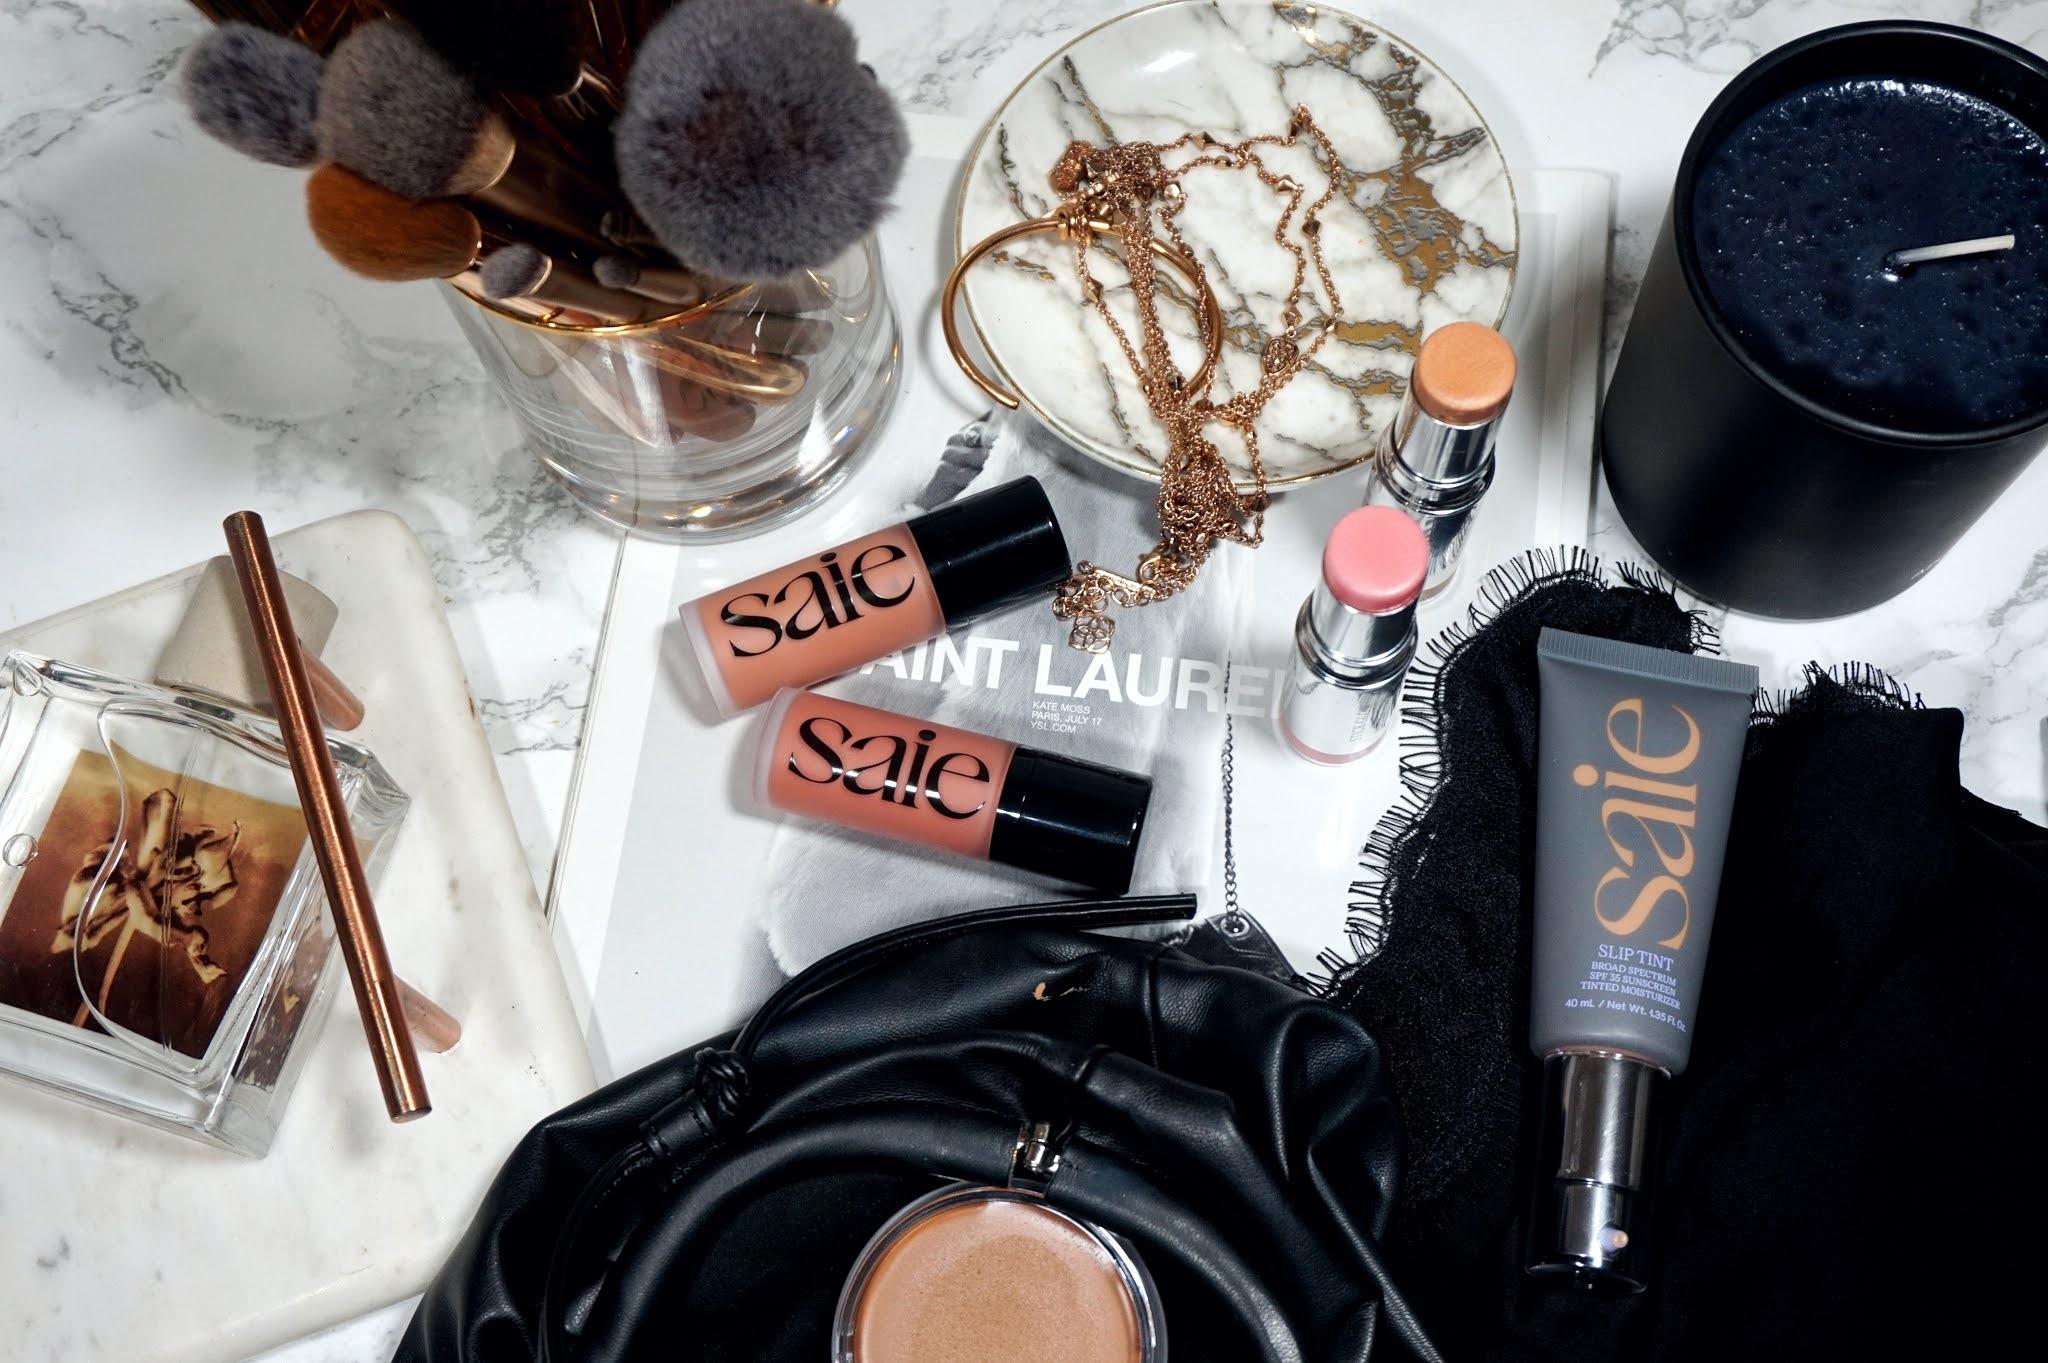 Saie Dew Blush Liquid Cheek Blush Review and Swatches